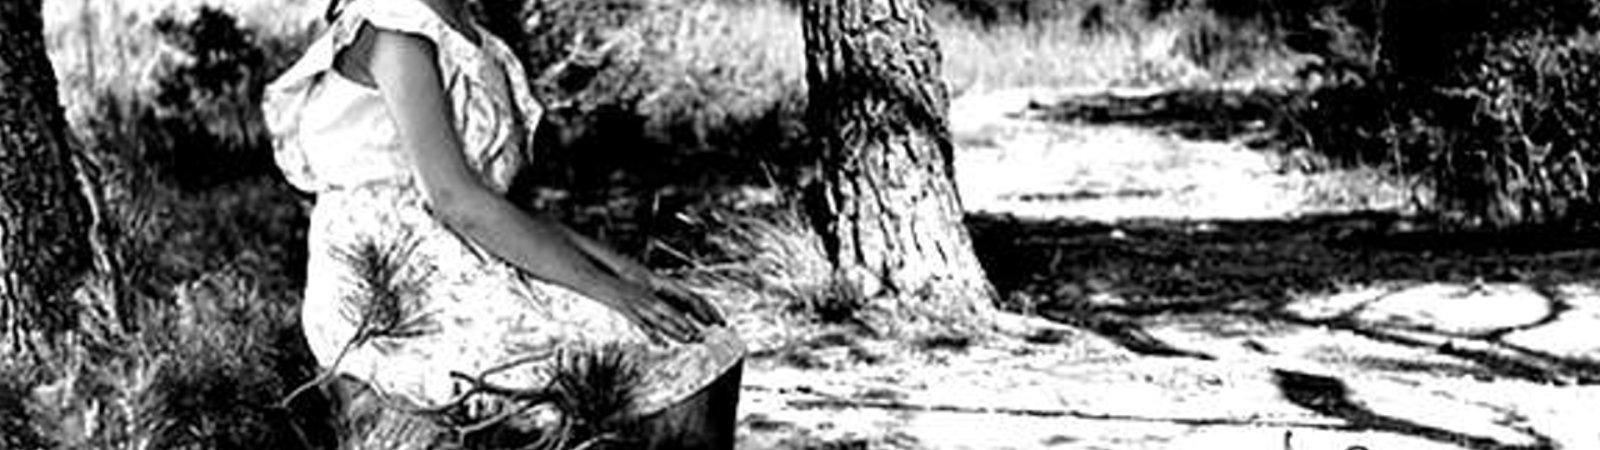 Photo dernier film Jacqueline Pagnol